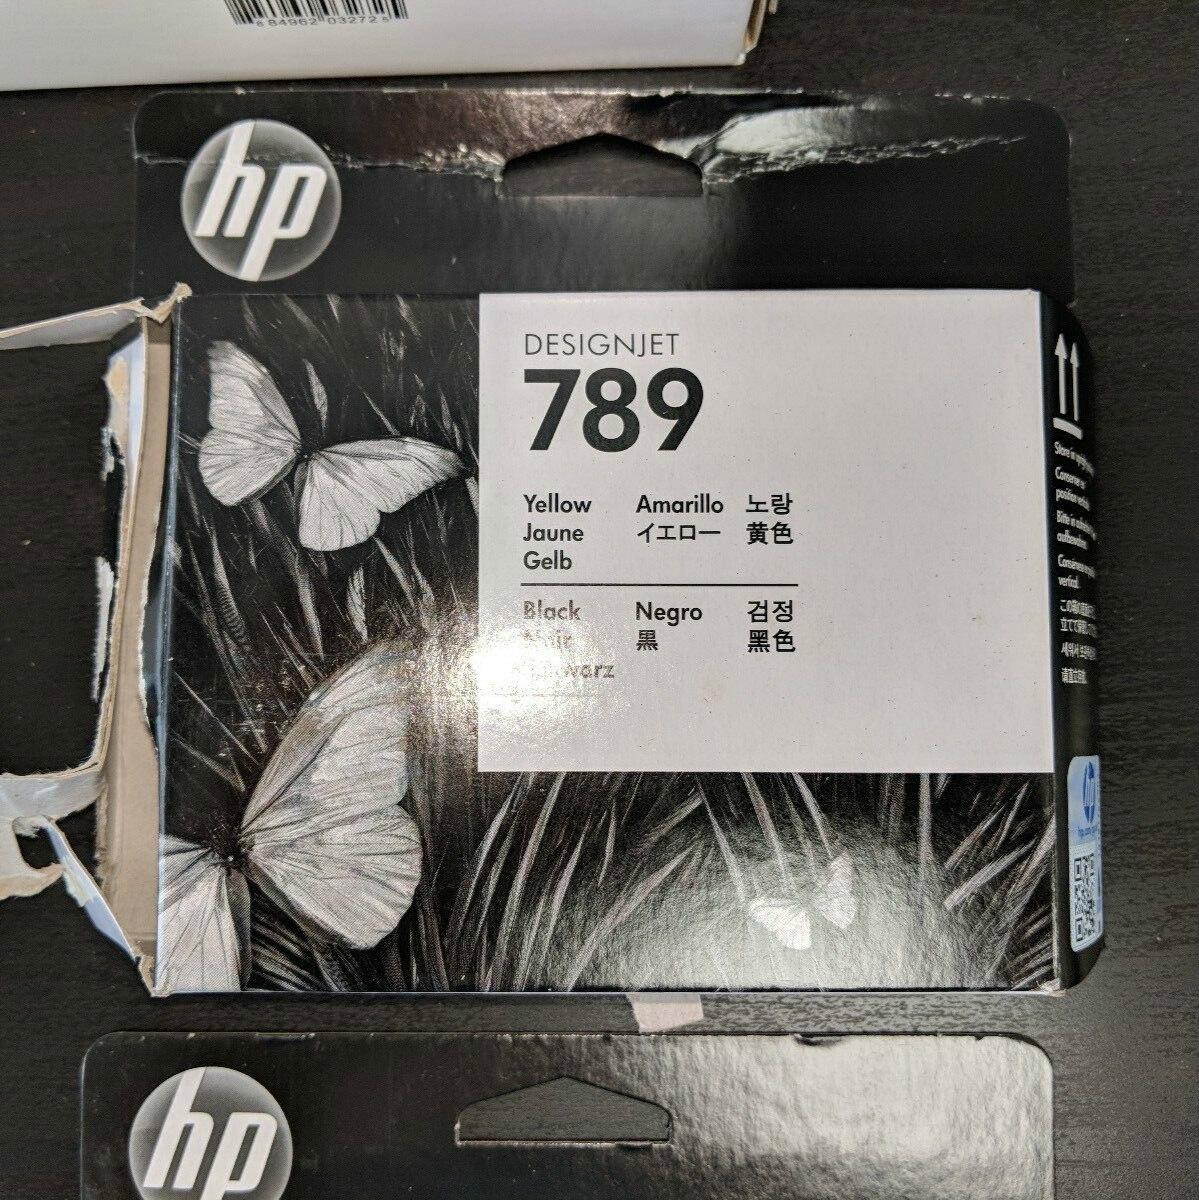 Originale ed Inutilizzato CH612A Nero e Giallo Testina di Stampa per HP Designjet 789 L25500 Serie, Designjet L26500